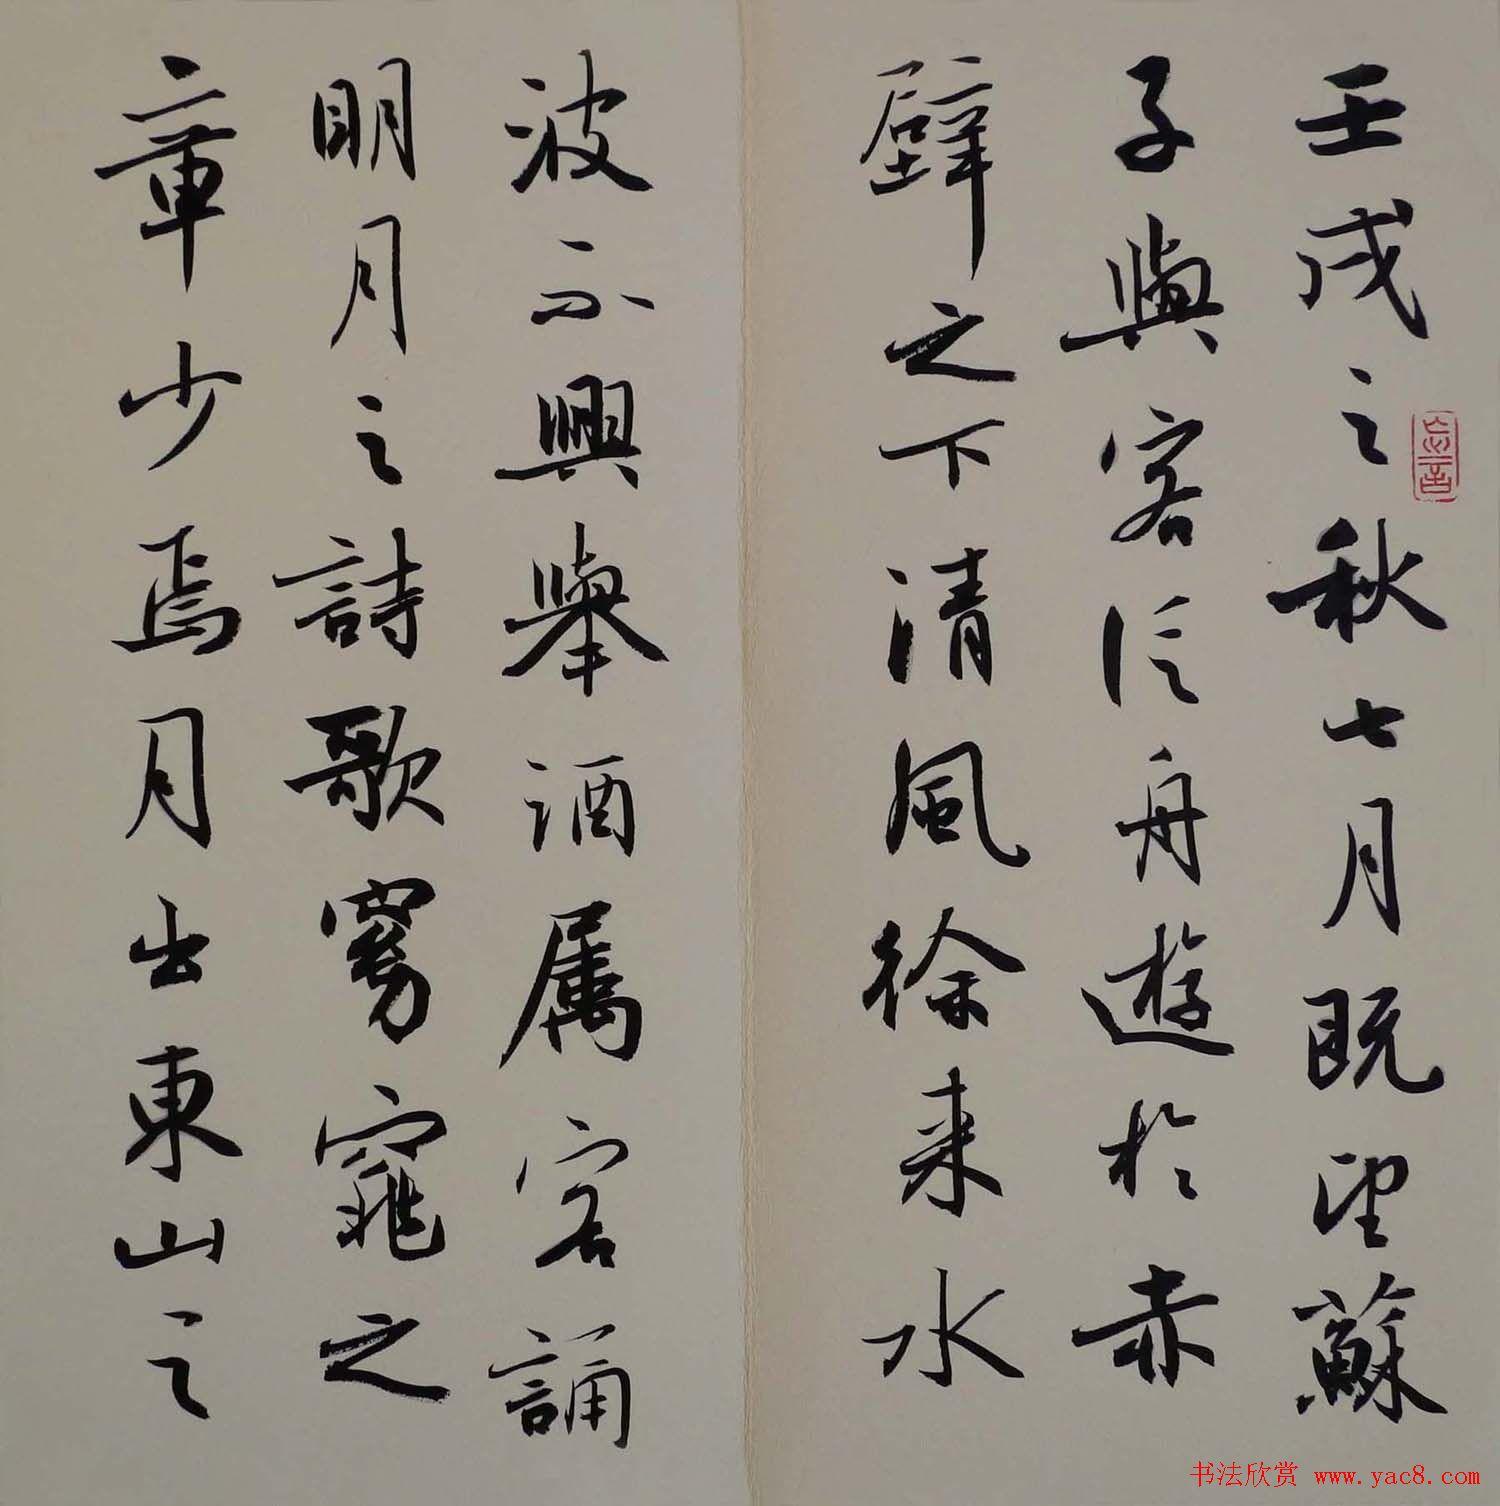 方放书法作品欣赏 苏轼赤壁赋 第2页 毛笔书法 书法欣赏图片